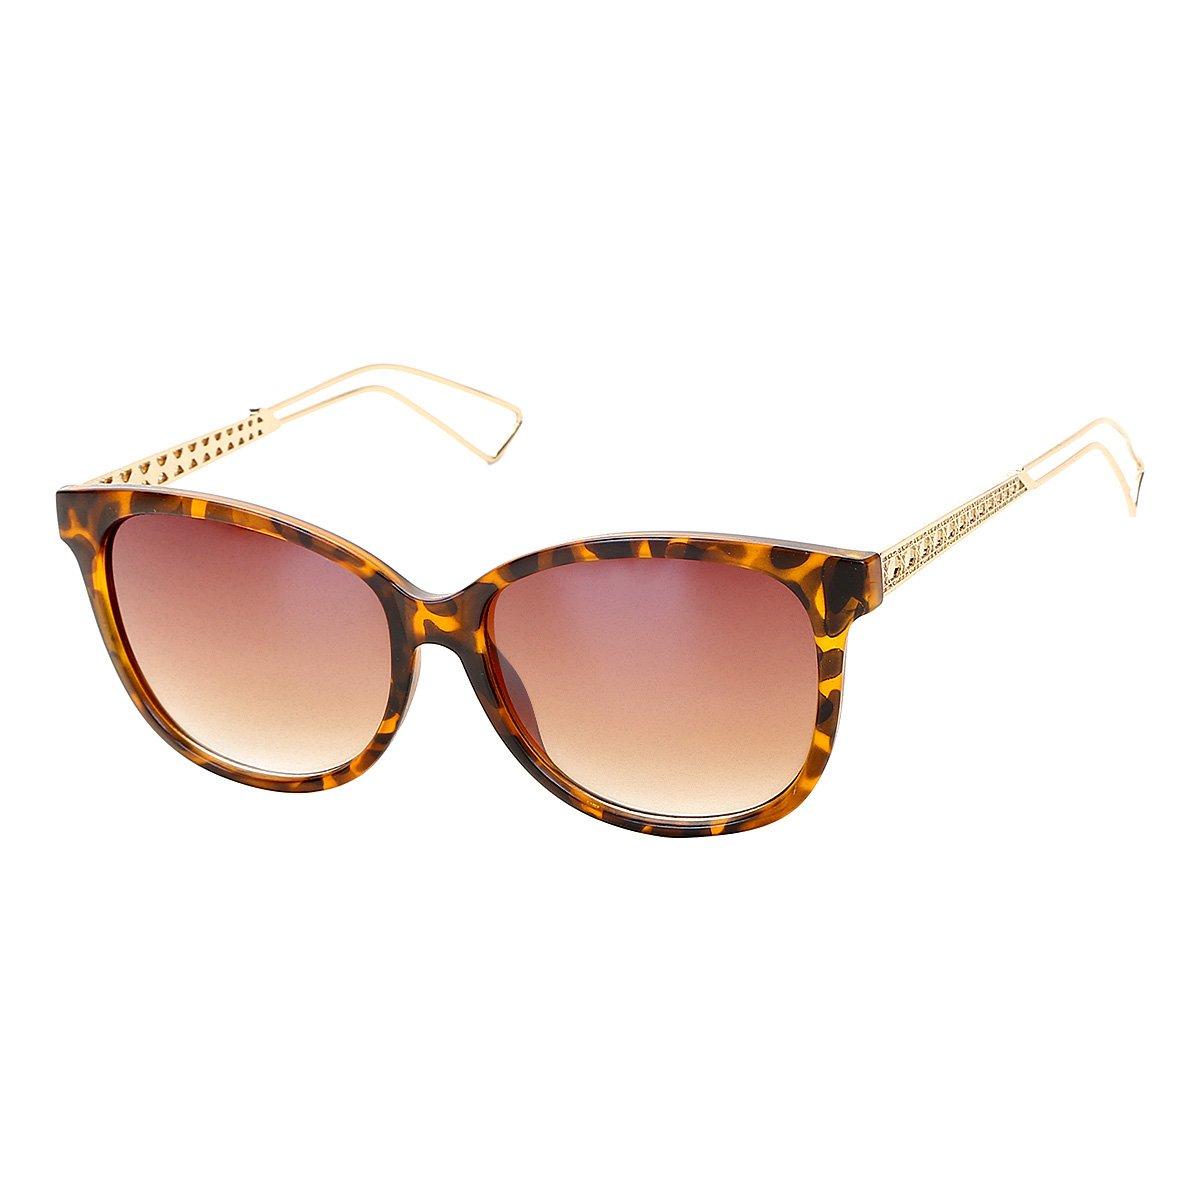 Óculos de Sol King One Gatinho HP4665 Feminino - Compre Agora   Zattini 71a23de519